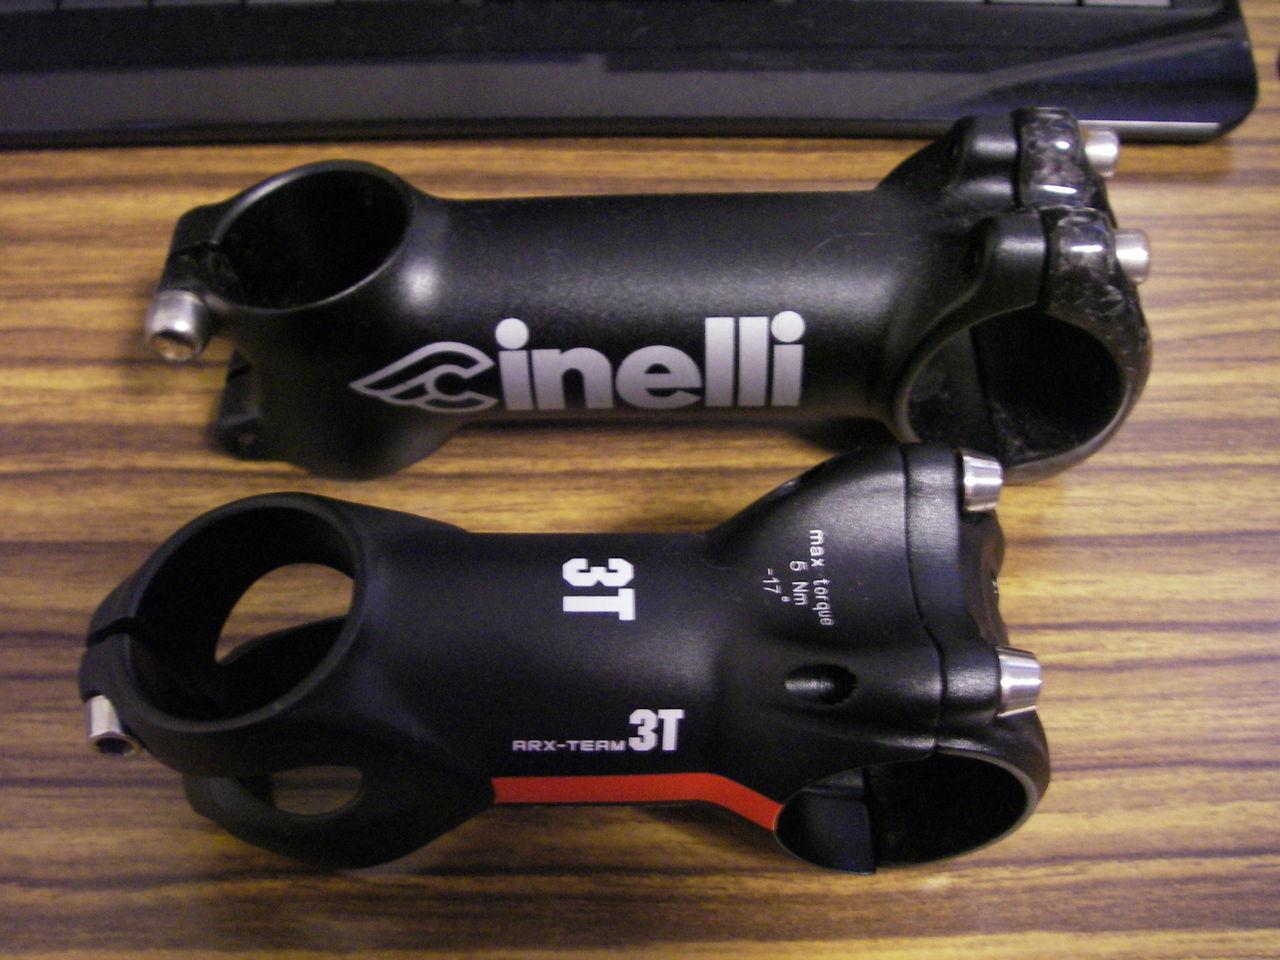 自転車の 自転車 ステム 角度 : ... 気をつけろ!:3T ARX Team ステム